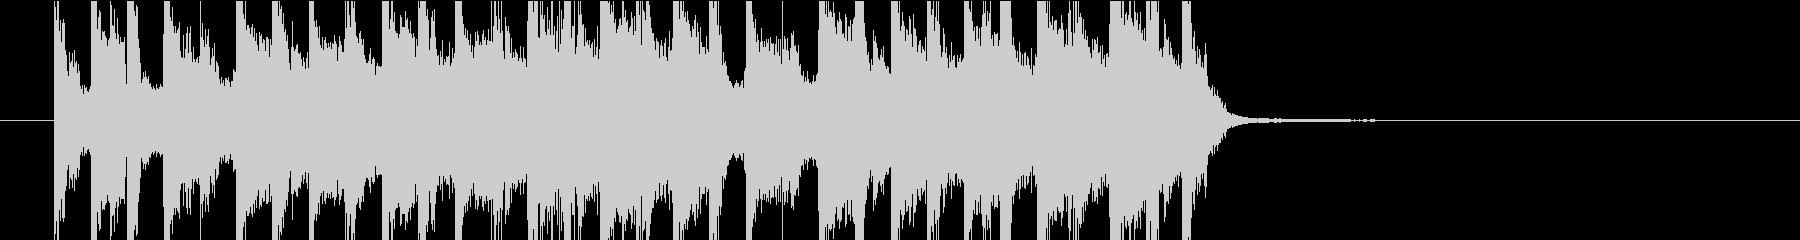 ジングル(ポップ10)の未再生の波形